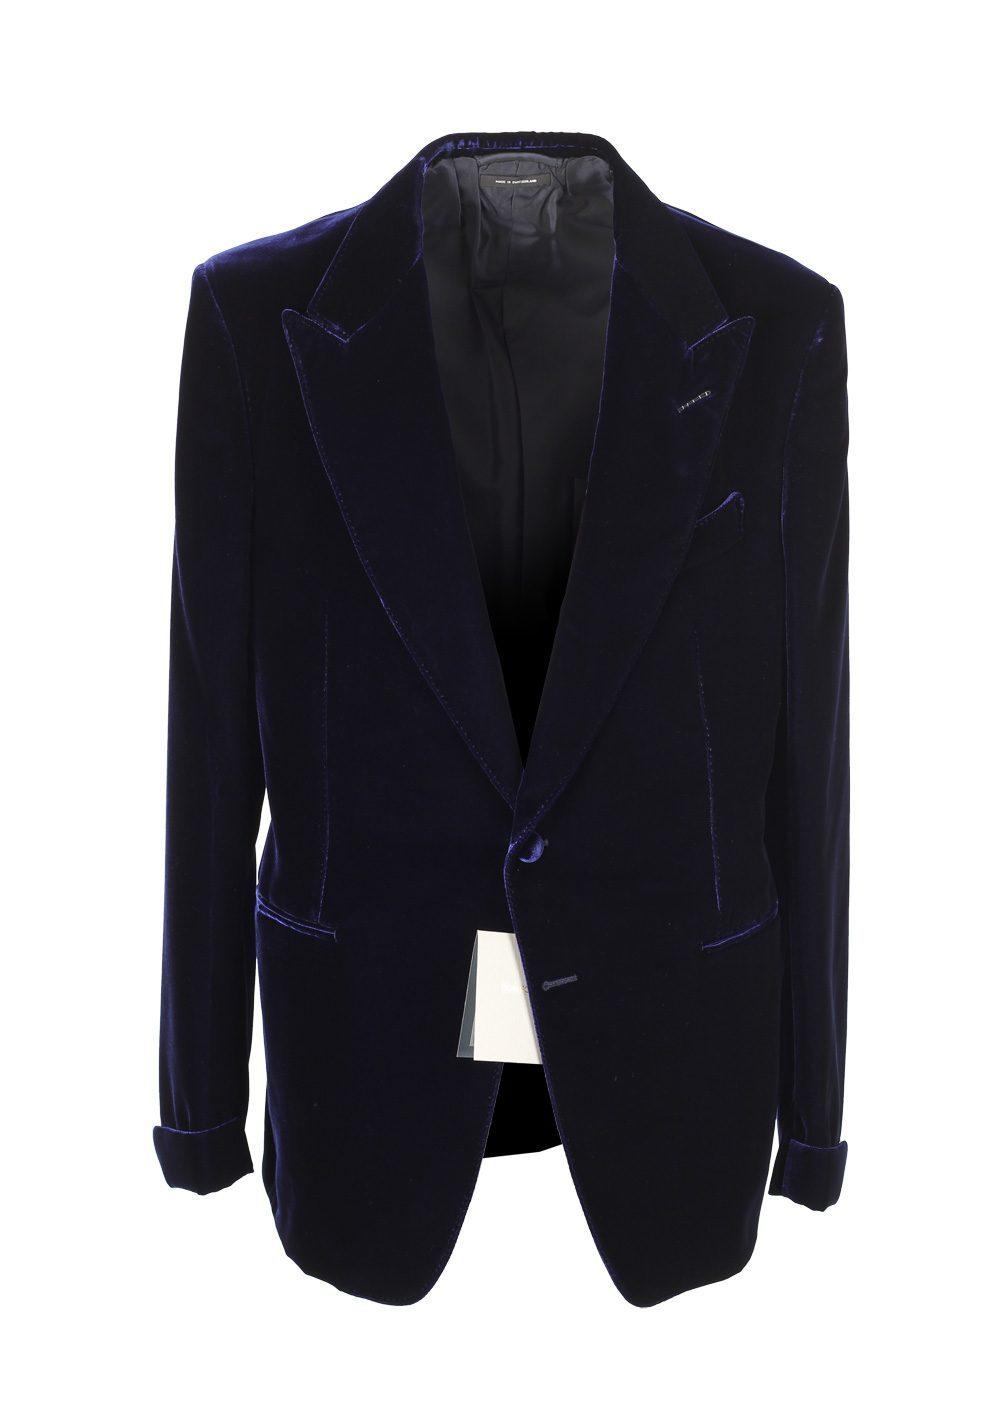 Tom Ford Shelton Blue Sport Coat Velvet Tuxedo Dinner